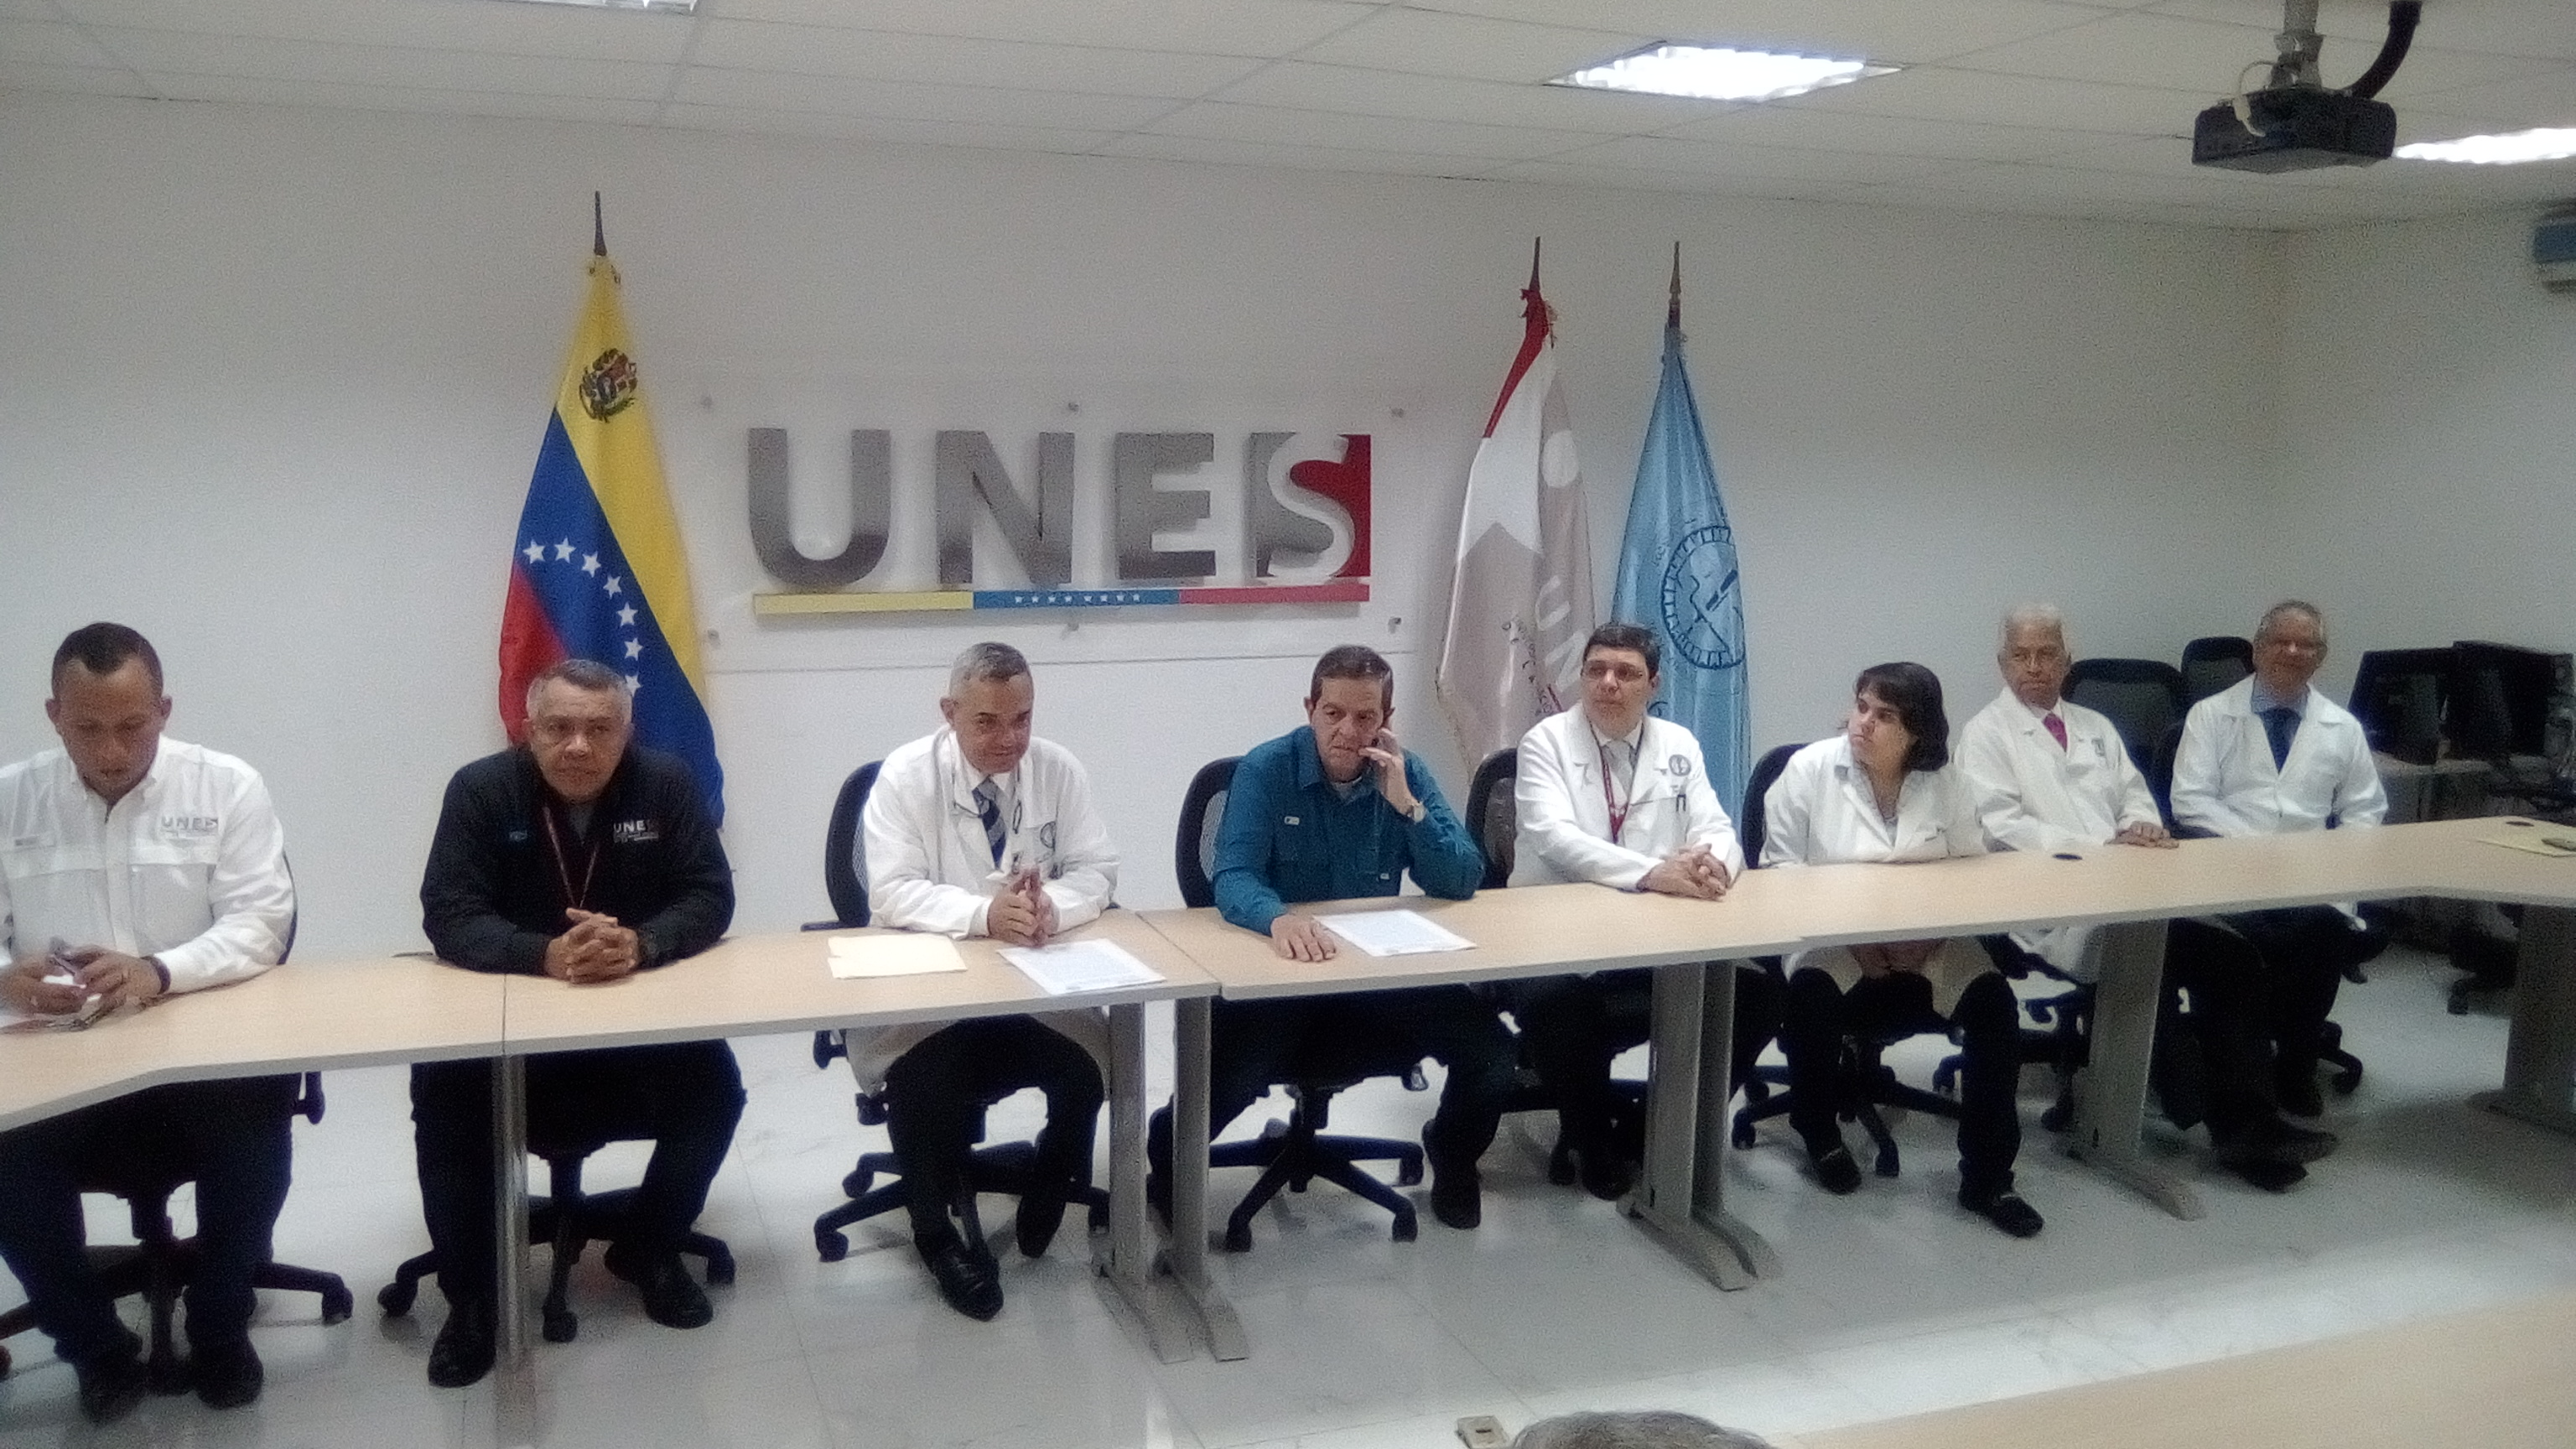 Unes y HUC suscriben convenio de cooperación interinstitucional (1)